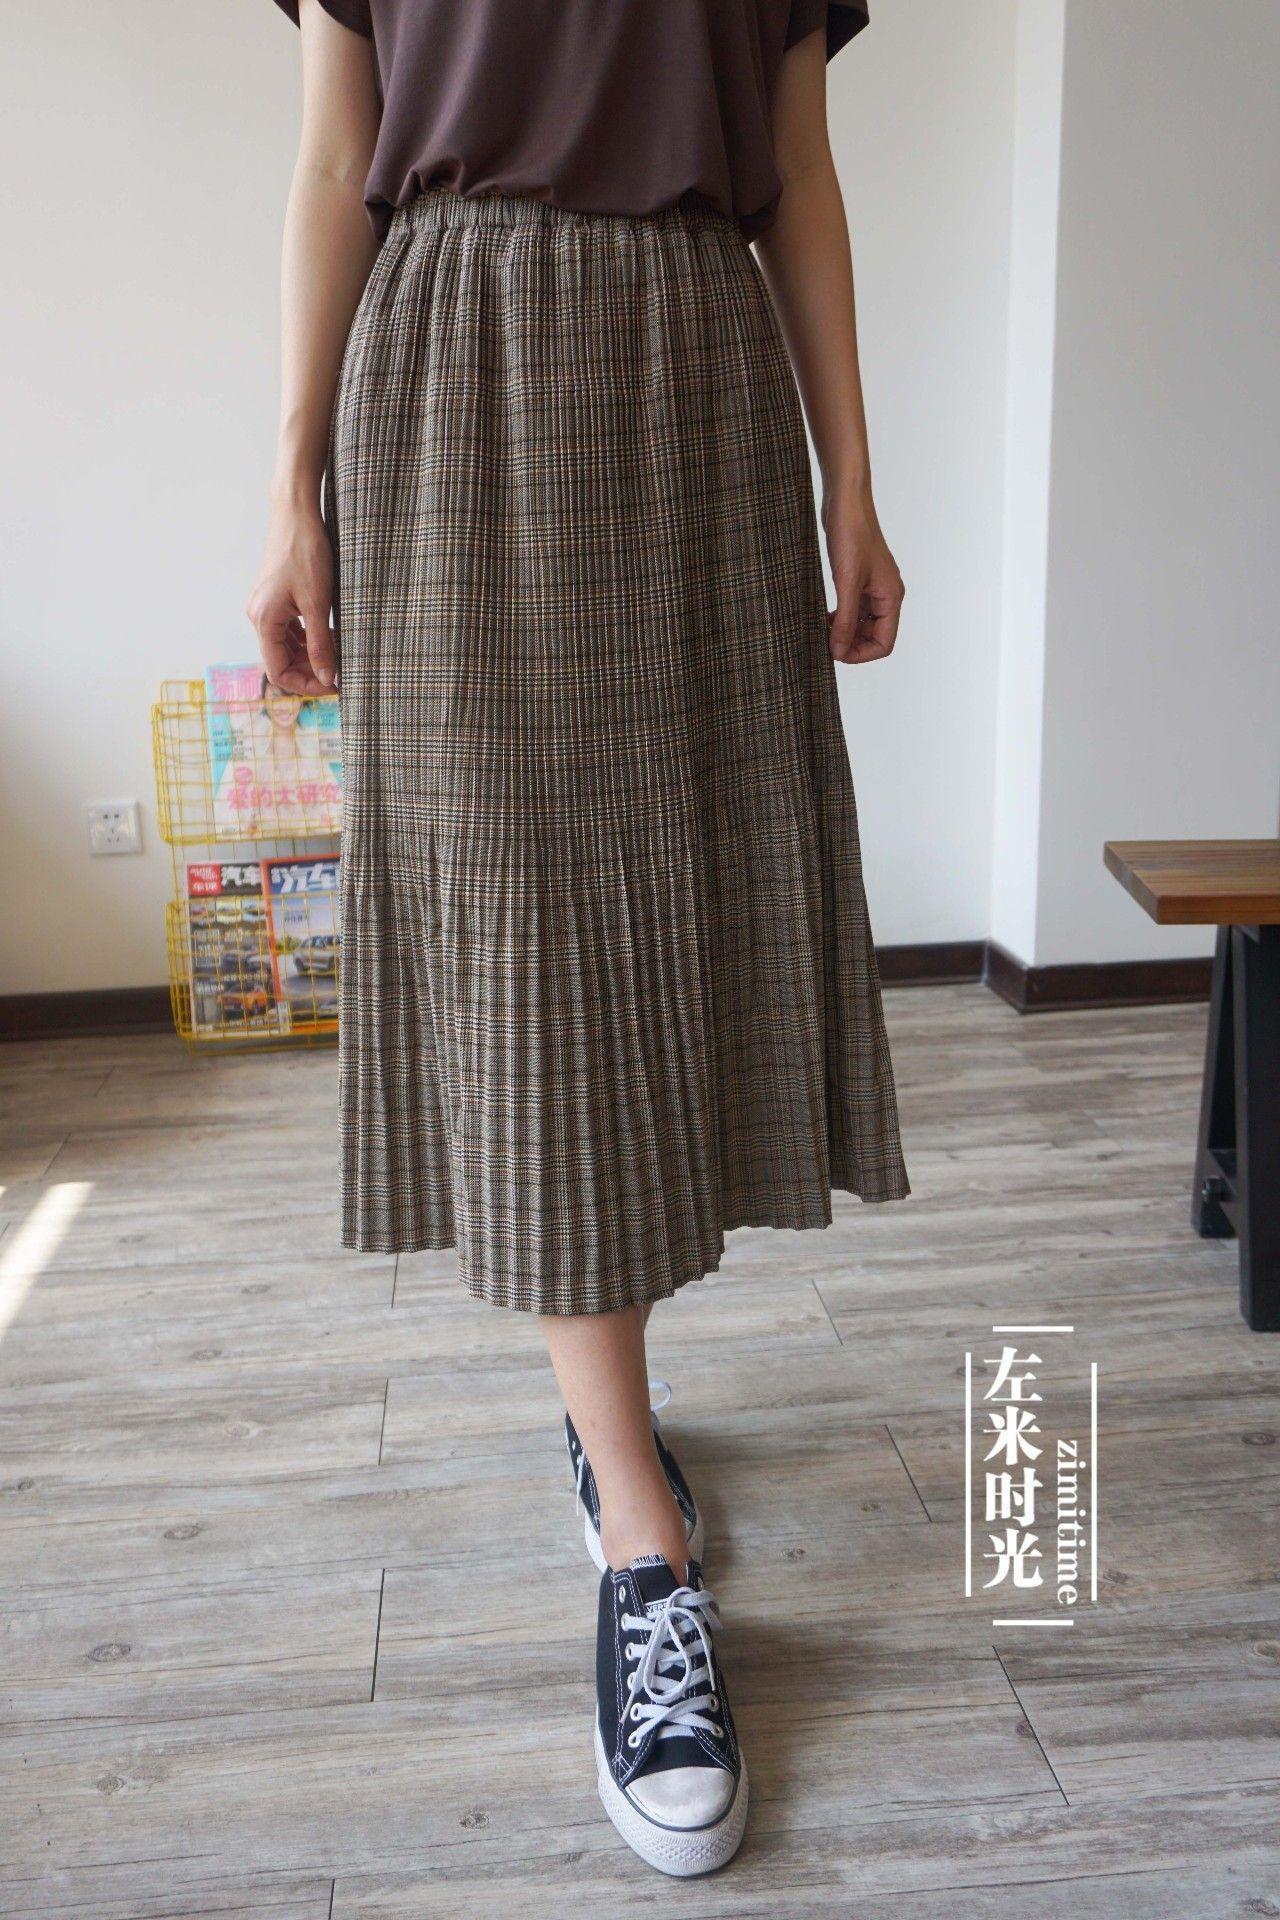 宽松格子半身裙